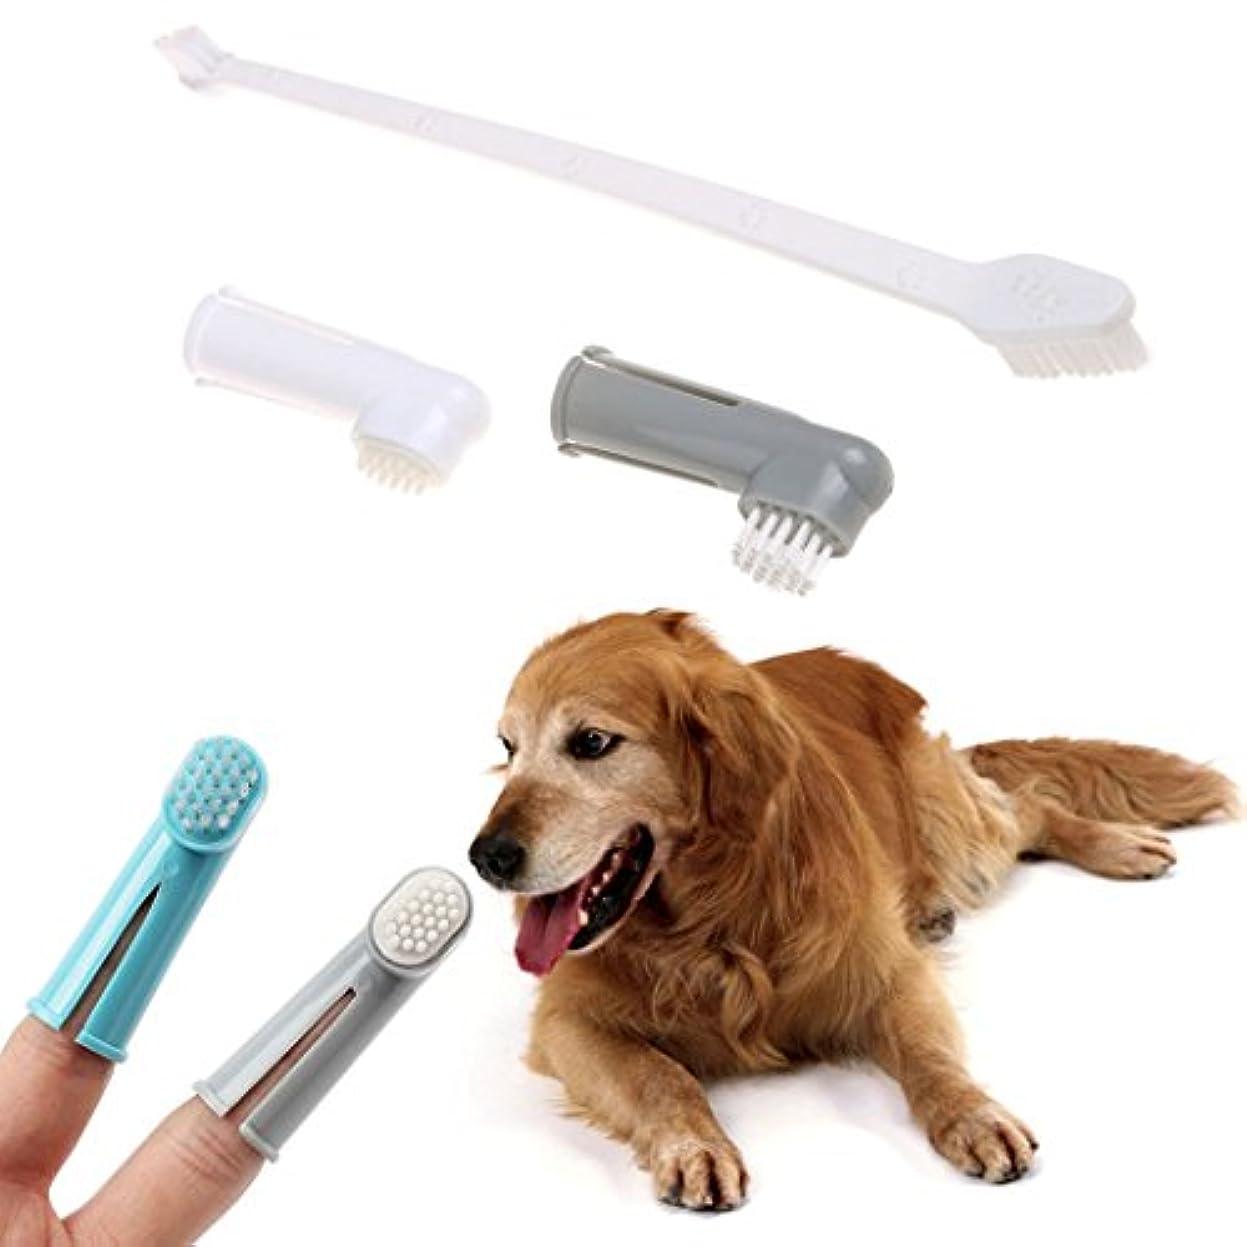 チート十億国歌Legendog ペットの歯ブラシ 犬用歯ブラシ 指歯 ブラシ 歯磨き ペット歯ケア用品 カラフル 3ピースセット(合計9個)